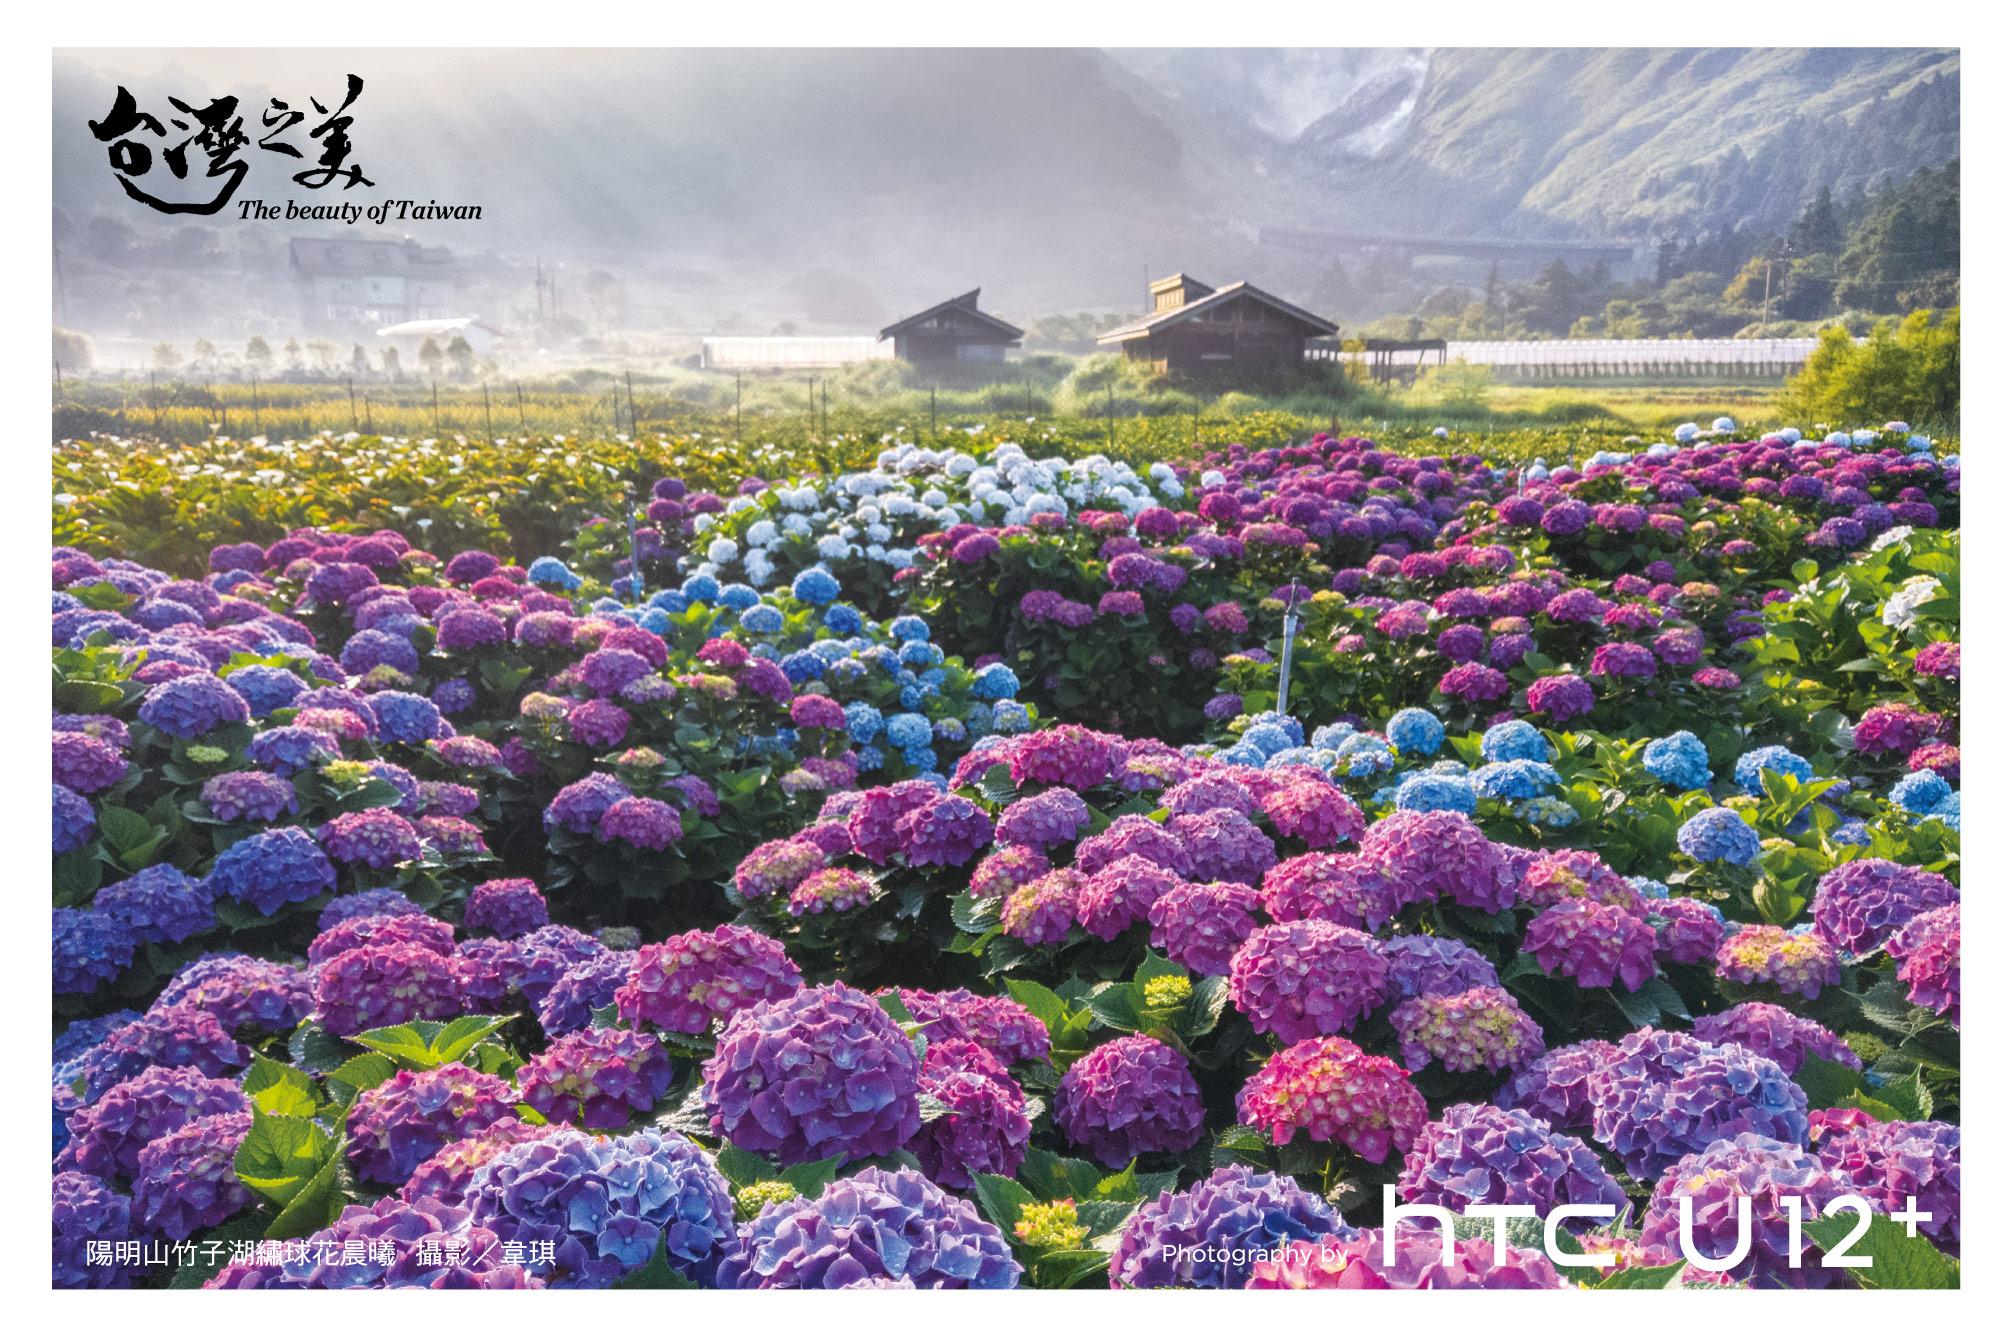 台灣之美 台灣小鎮靚點漫遊小鎮之一-陽明山竹子湖繡球花晨曦-由HTC U12+拍攝